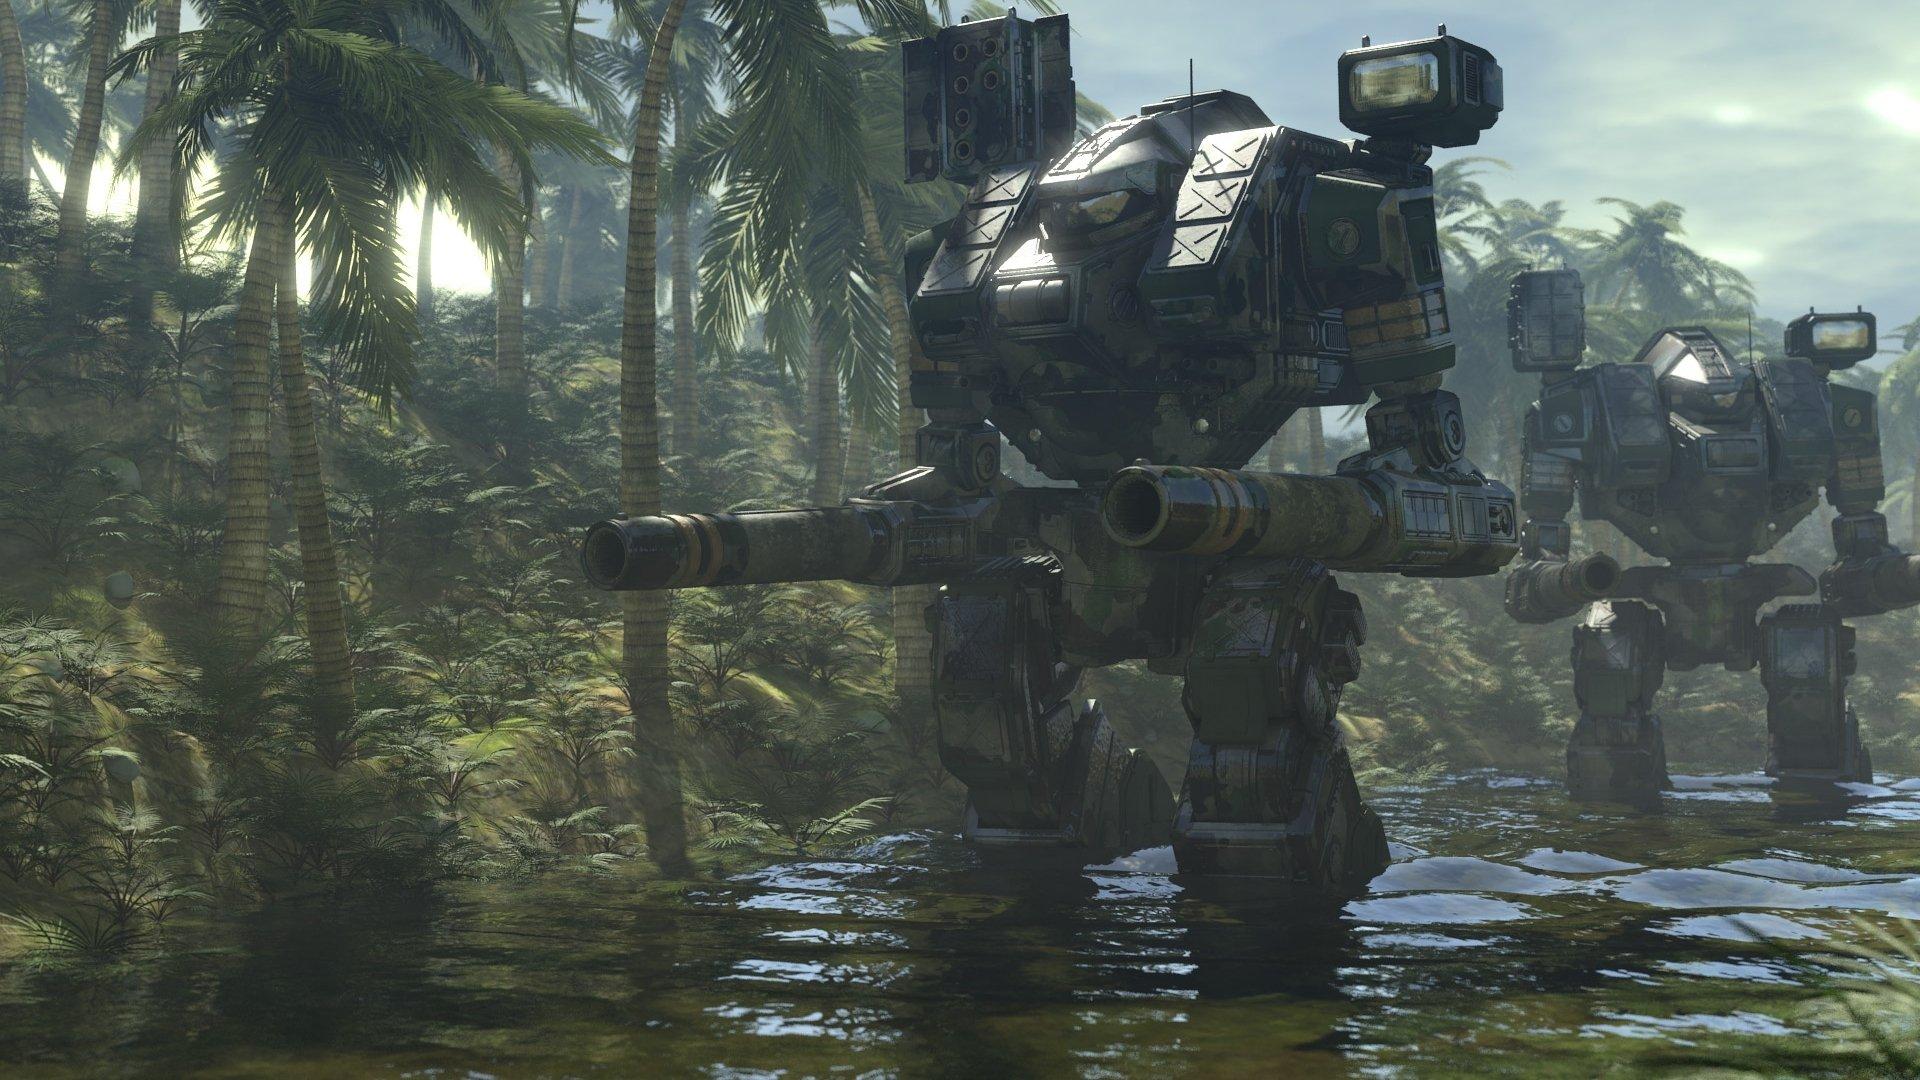 Battletech выйдет в апреле. Открылся предзаказ